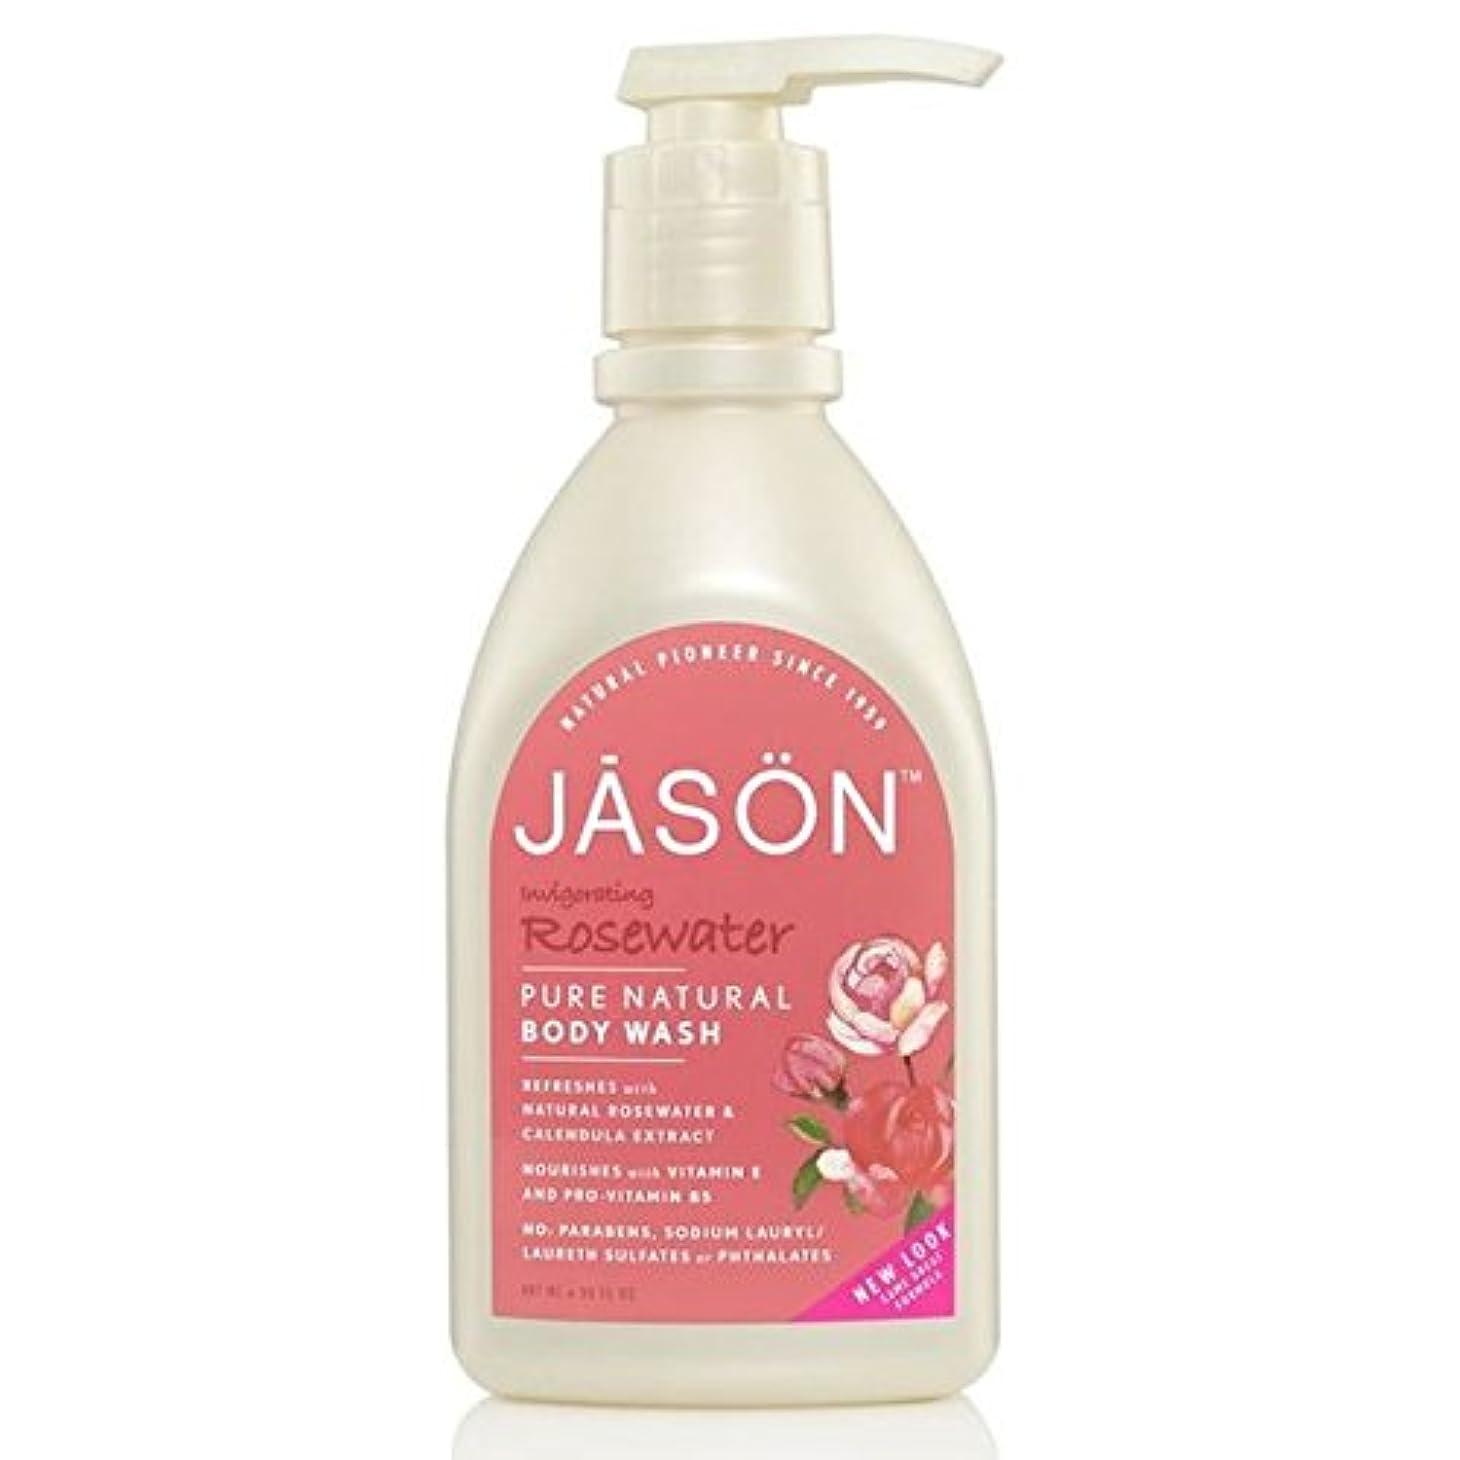 分類する服を片付ける故障中ジェイソン?ボディウォッシュローズウォーターサテンシャワー900ミリリットル x2 - Jason Body Wash Rosewater Satin Shower 900ml (Pack of 2) [並行輸入品]